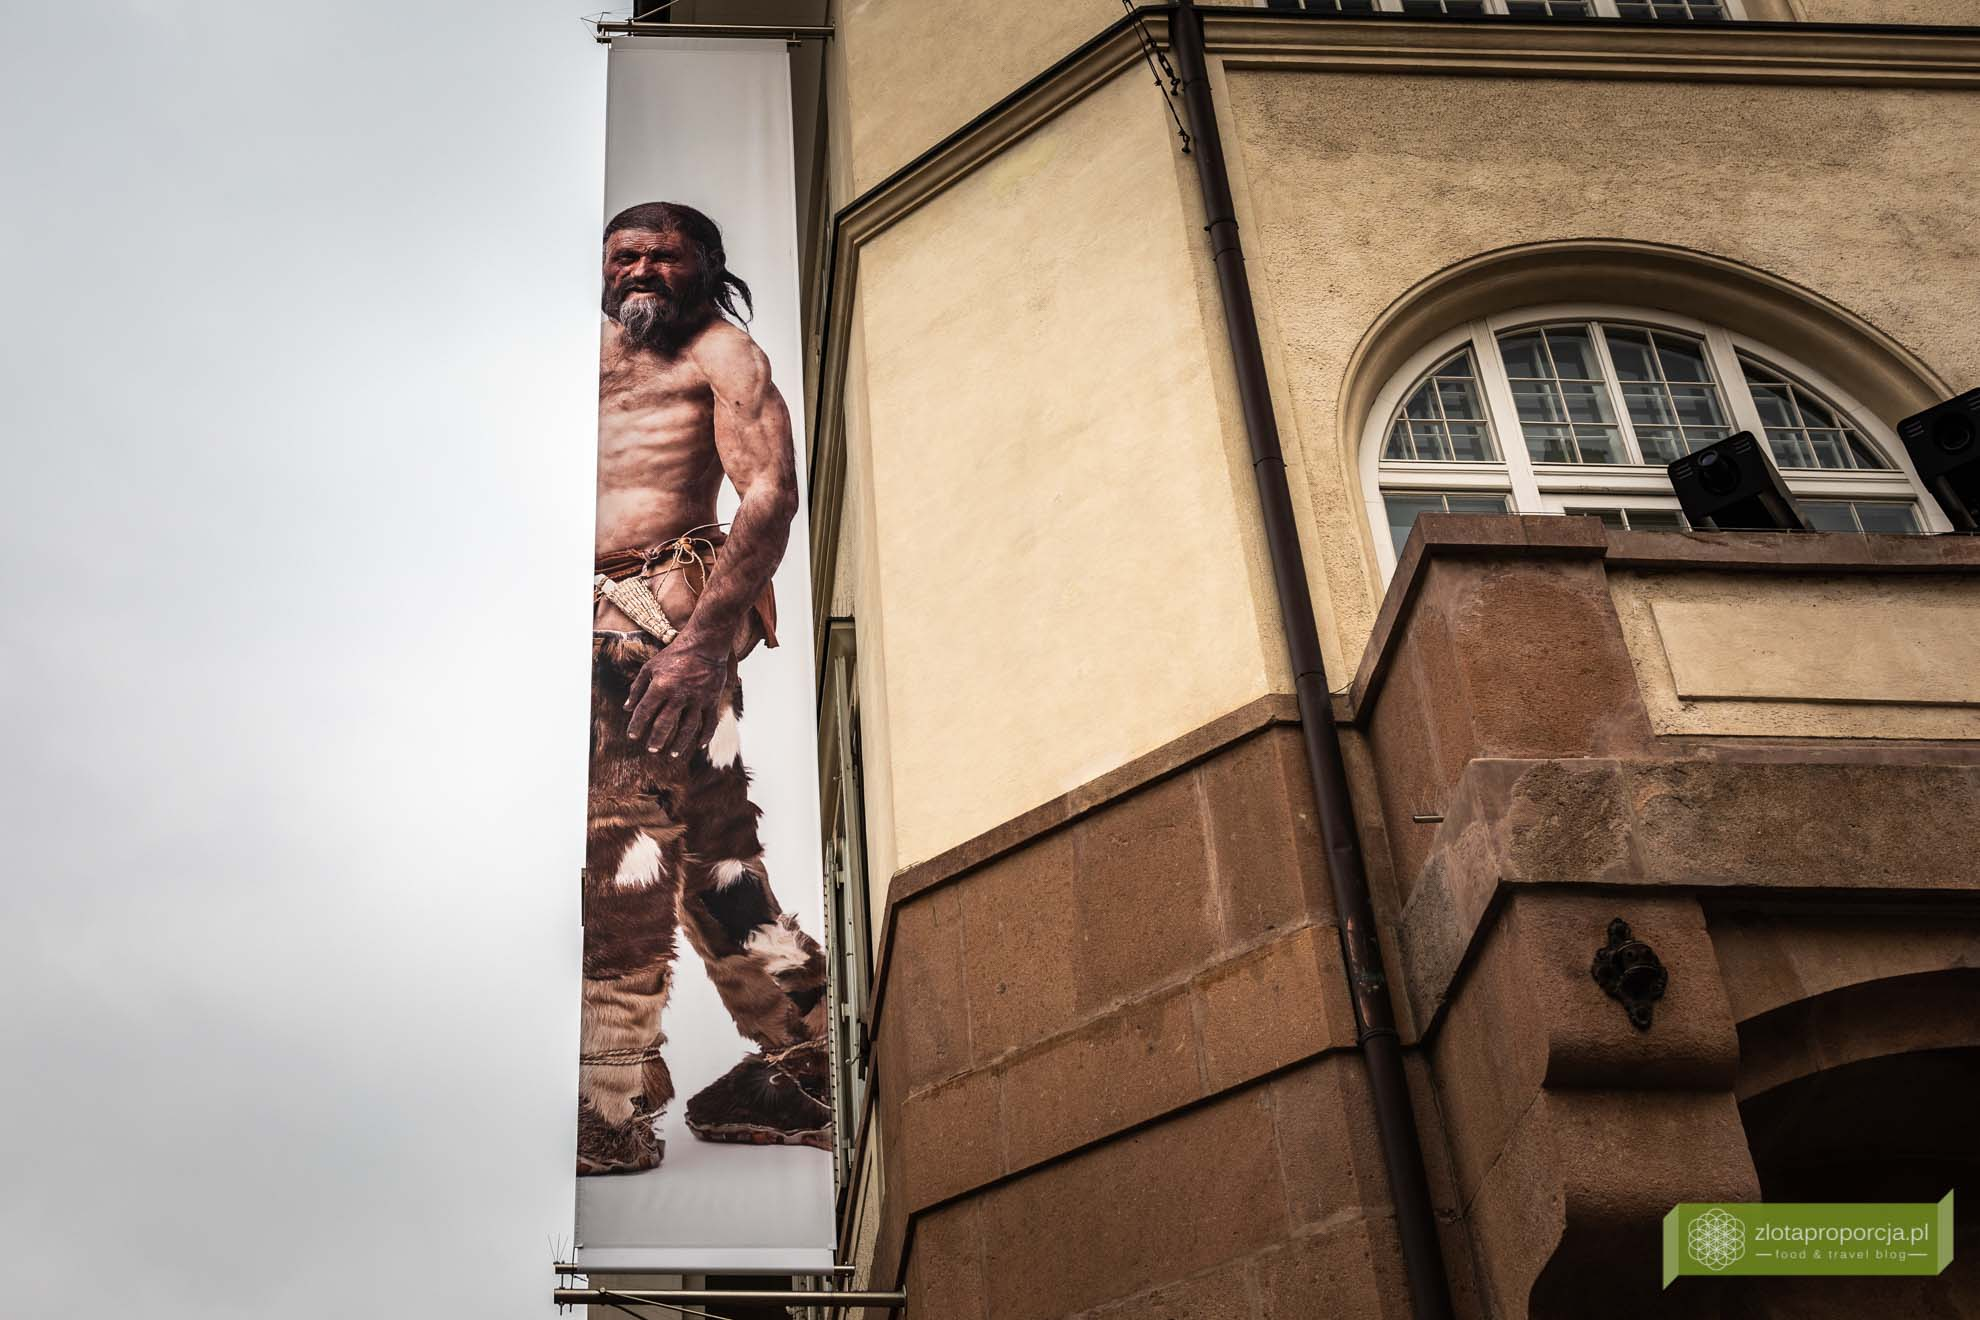 Ötzi, Muzeum Archeologicznym Górnej Adygi w Bolzano; Bolzano; Południowy Tyrol; stolica Południowego Tyrolu; atrakcje Południowego Tyrolu; Bolzano atrakcje; Bolzano Włochy; Otzi